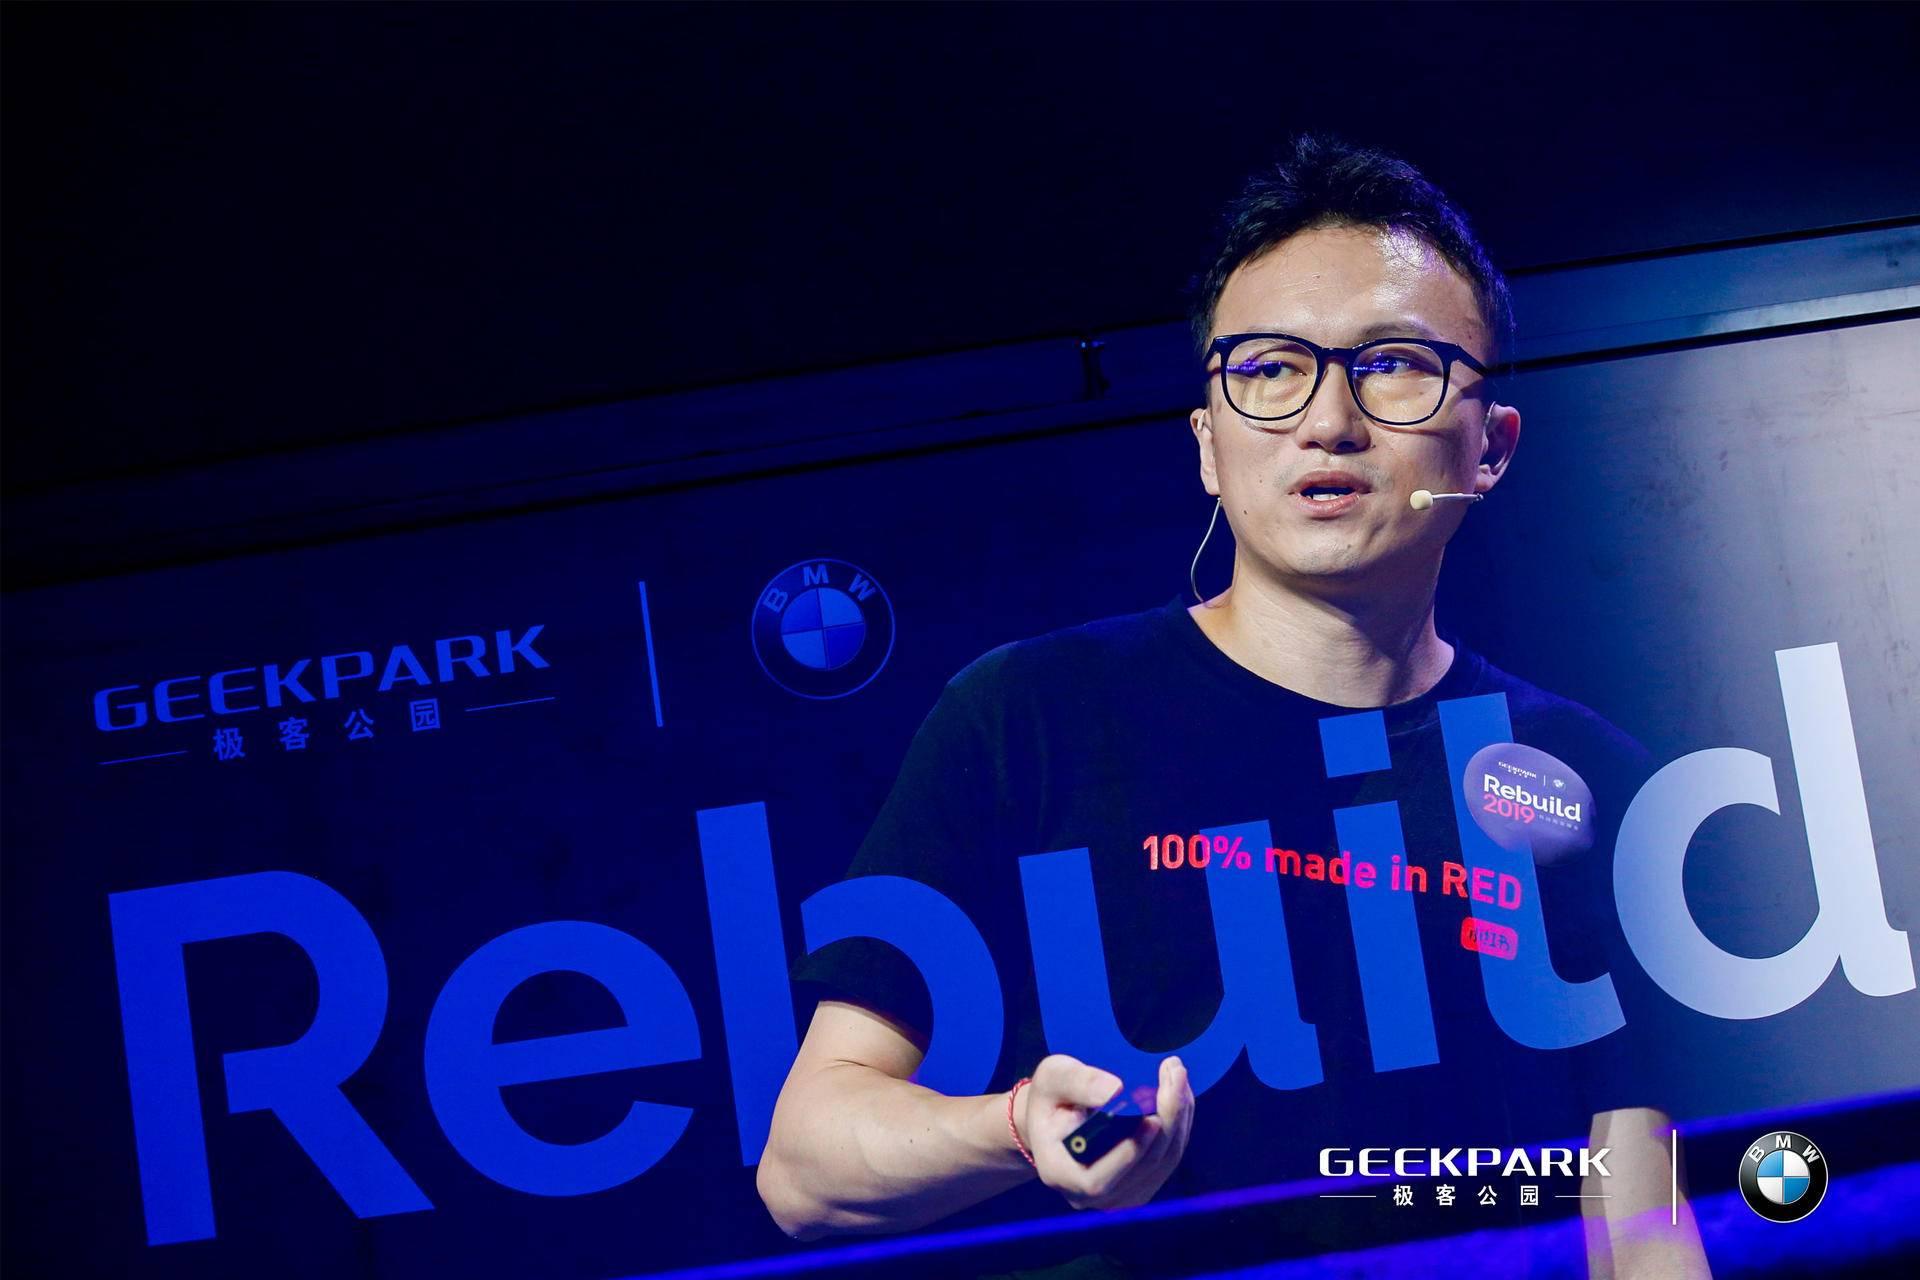 与创新者深思考,BMW · 极客公园 Rebuild 2019 科技商业峰会首日成功举办